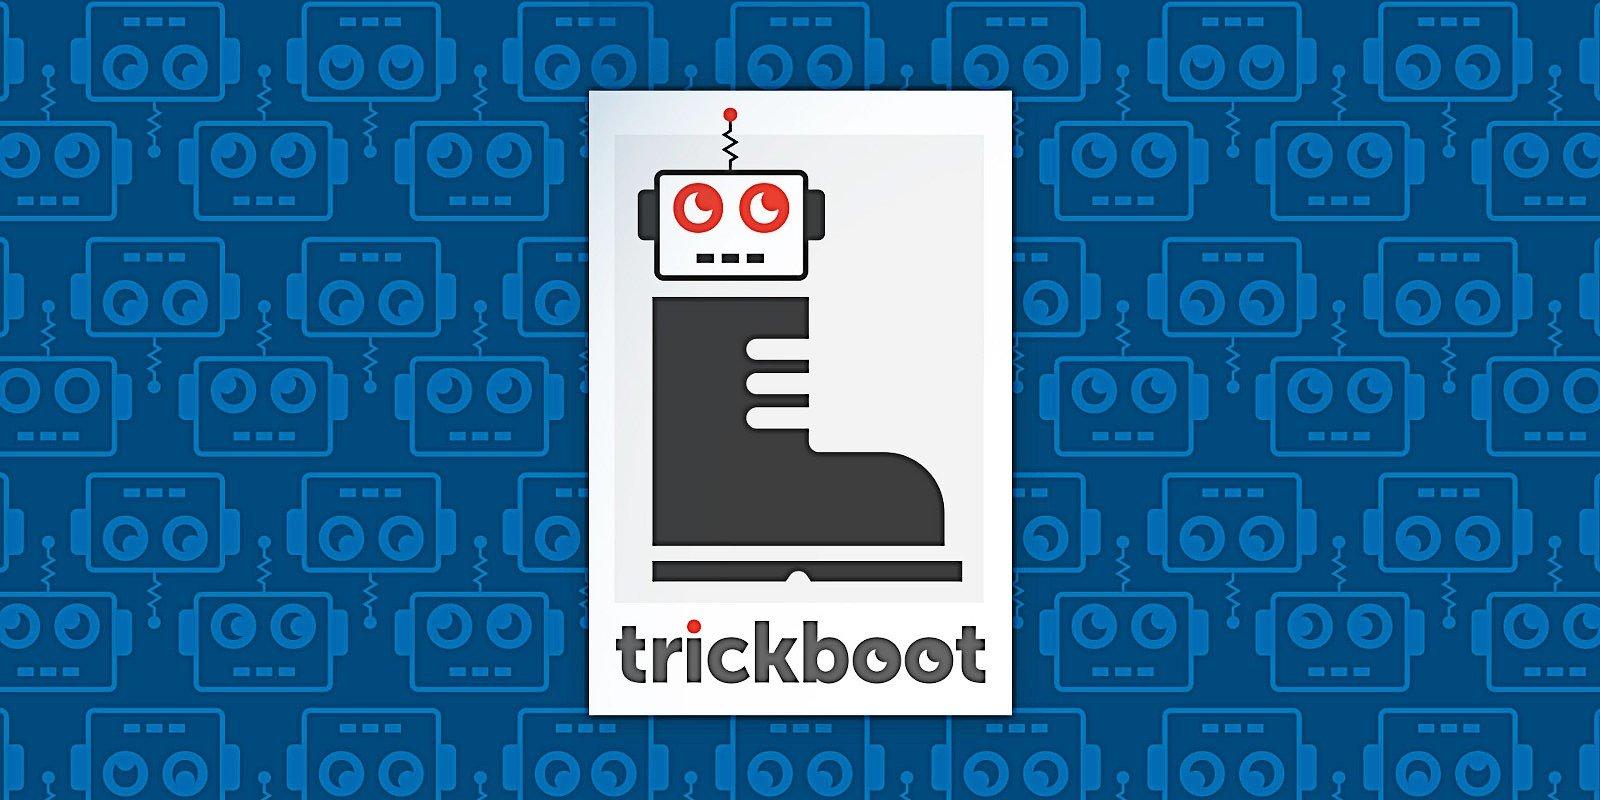 El nuevo módulo de TrickBot tiene como objetivo infectar su firmware UEFI